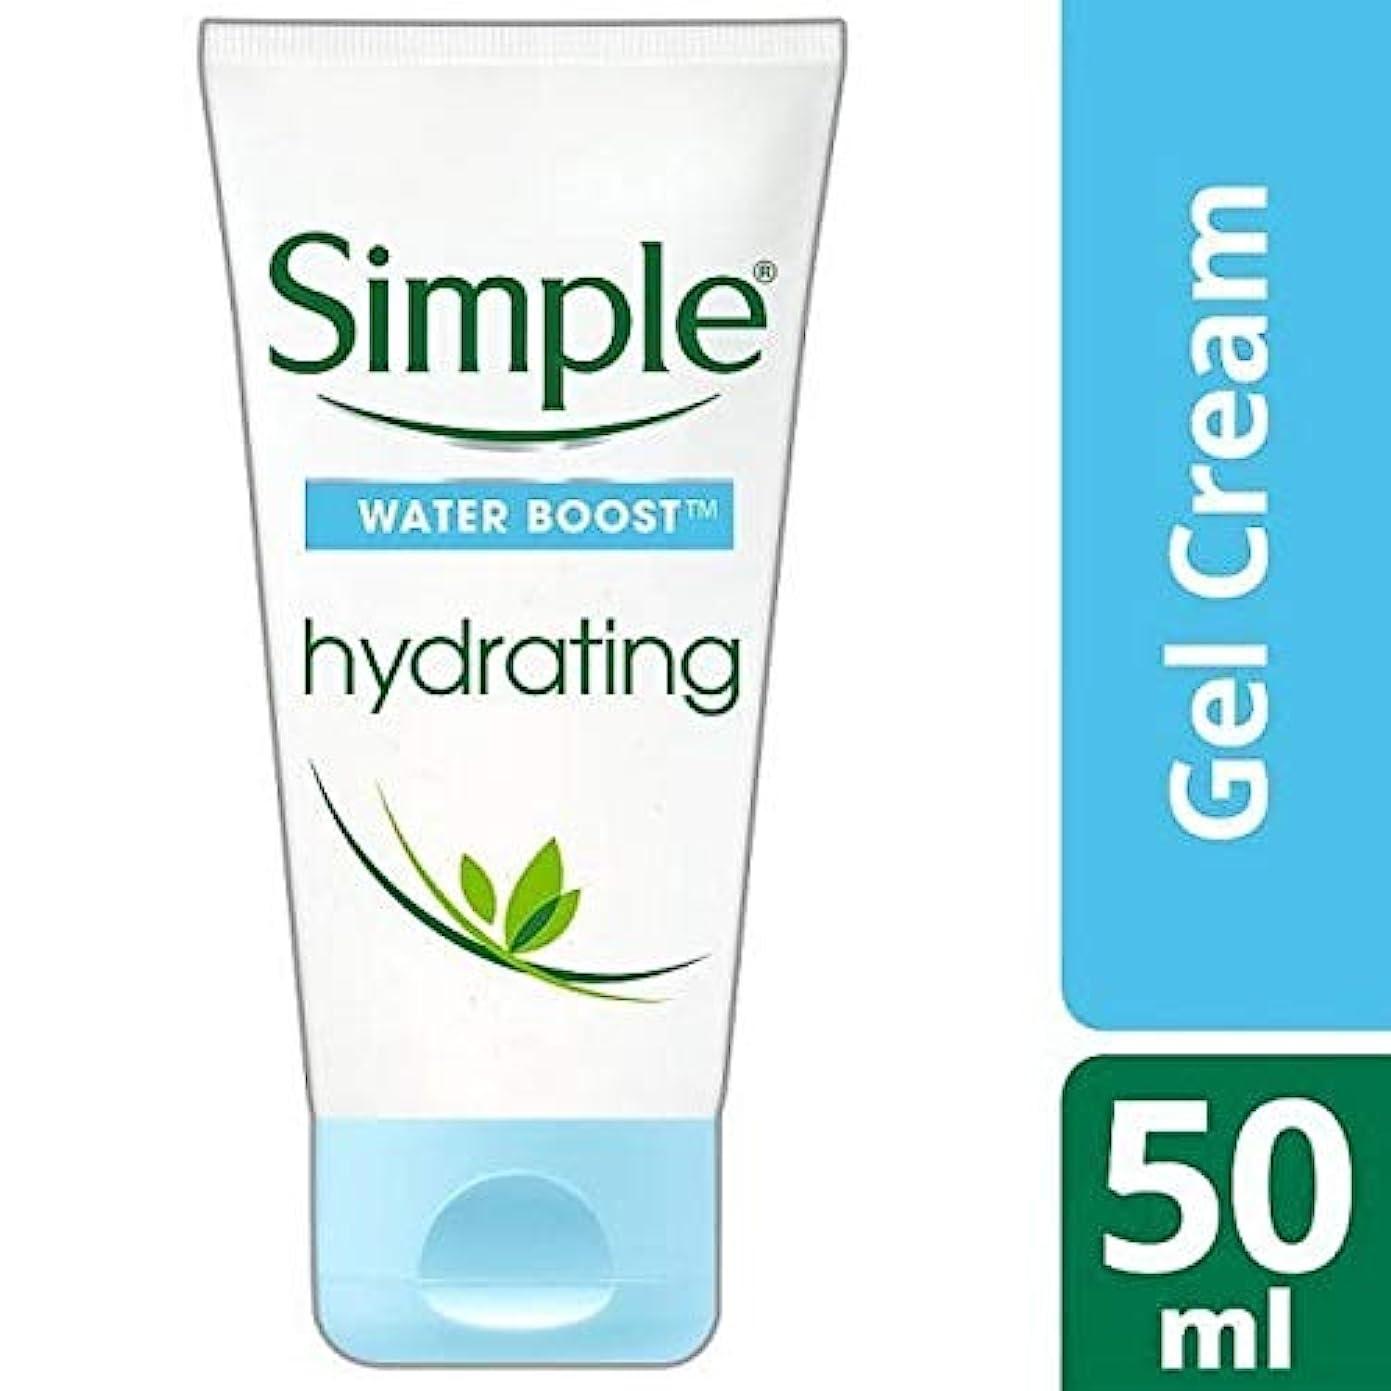 グラディス注ぎます取り壊す[Simple ] シンプルな水ブースト水和ゲルフェイスクリーム50Ml - Simple Water Boost Hydrating Gel Face Cream 50ml [並行輸入品]